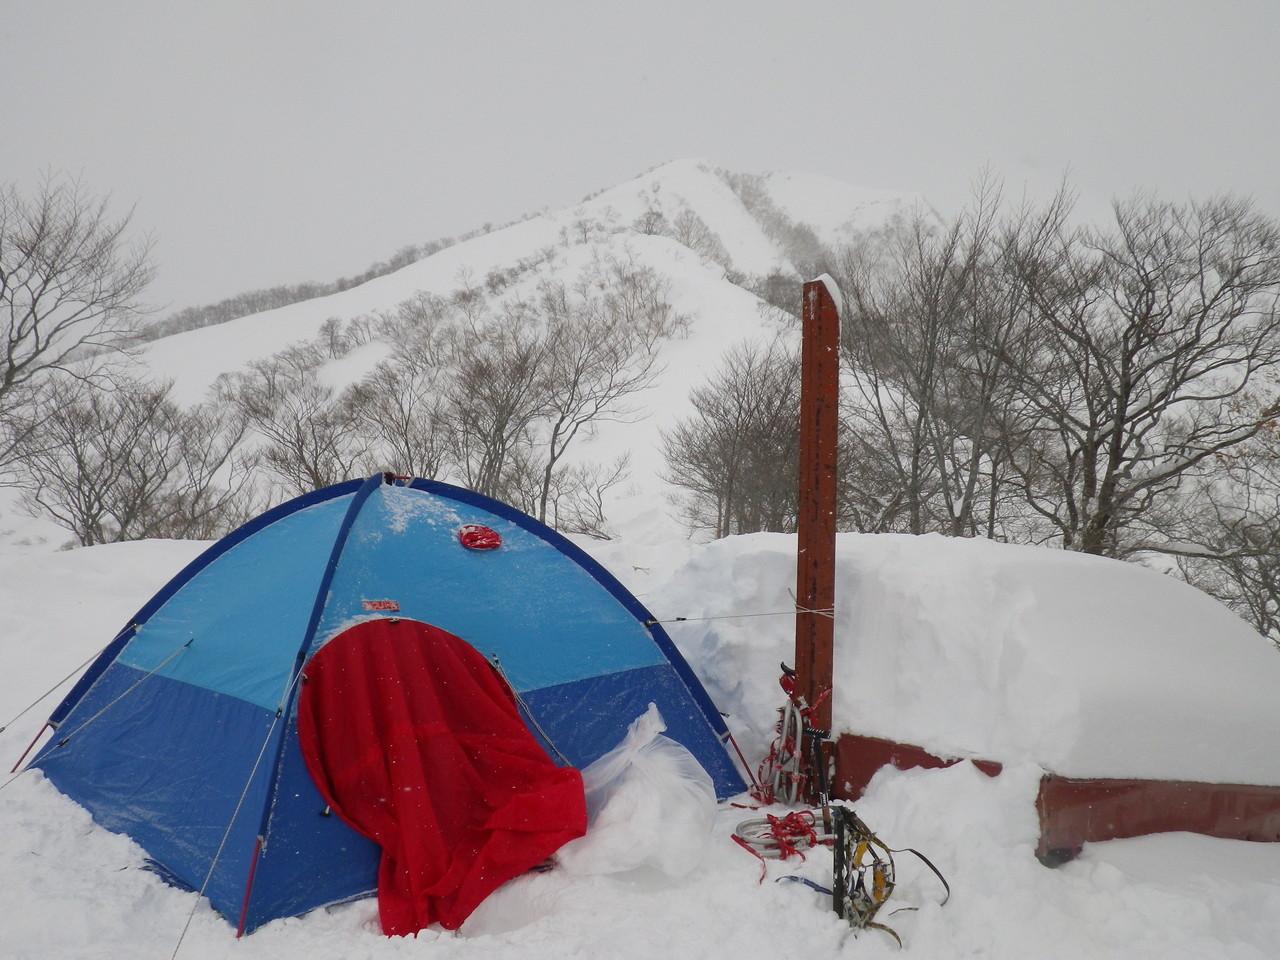 穴熊沢避難小屋前にテント設営(小屋は雪で埋まって使えない)